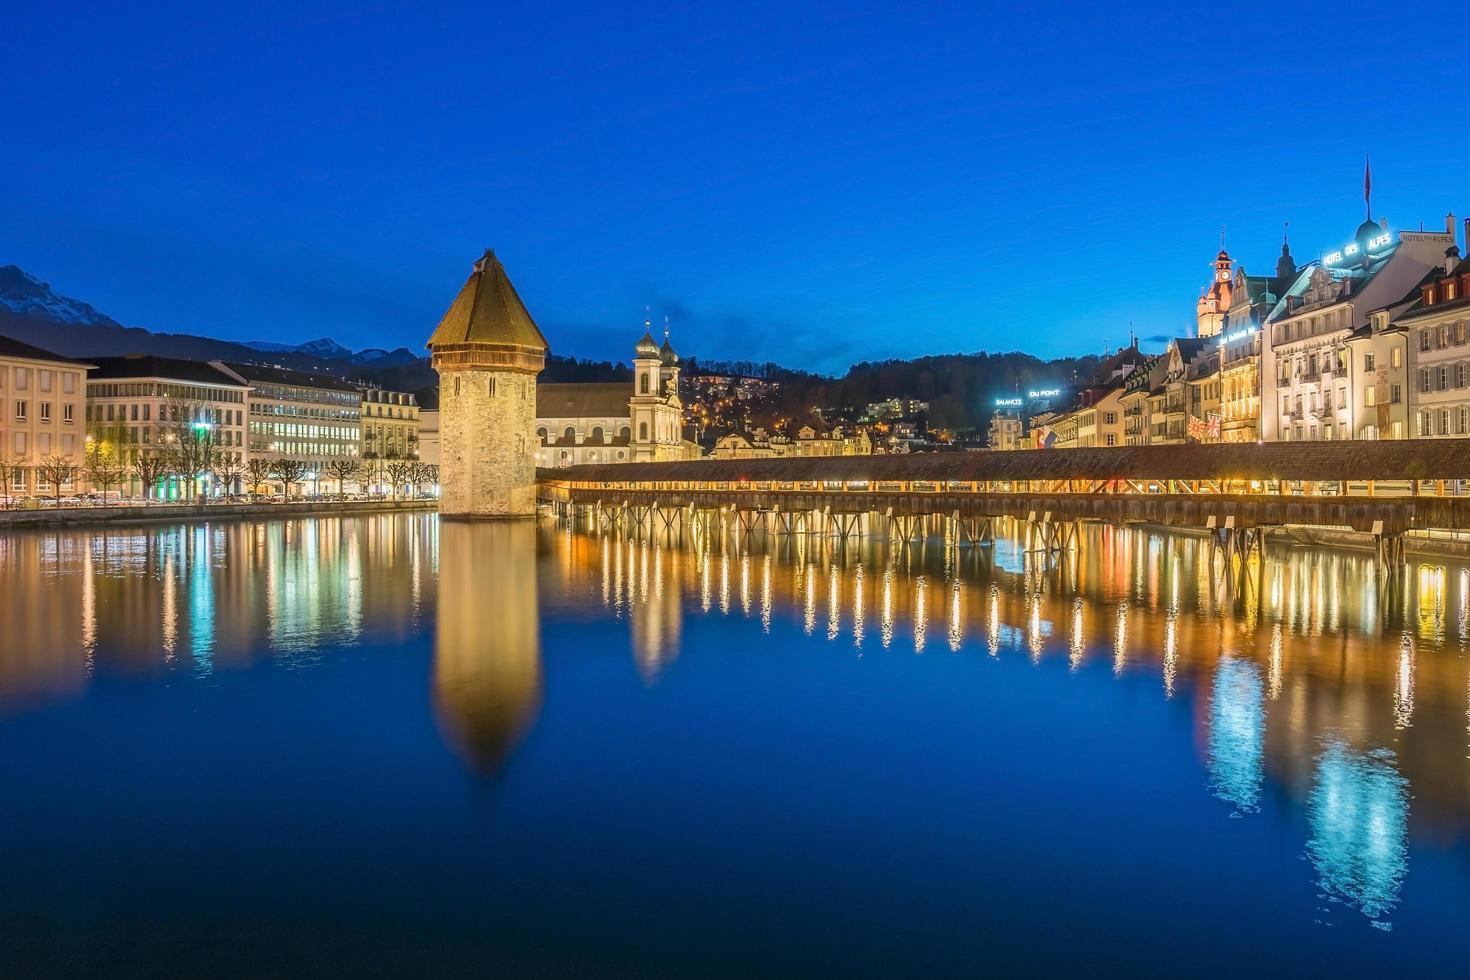 centro della città di lucerna con il ponte della cappella e il lago di lucerna, svizzera foto